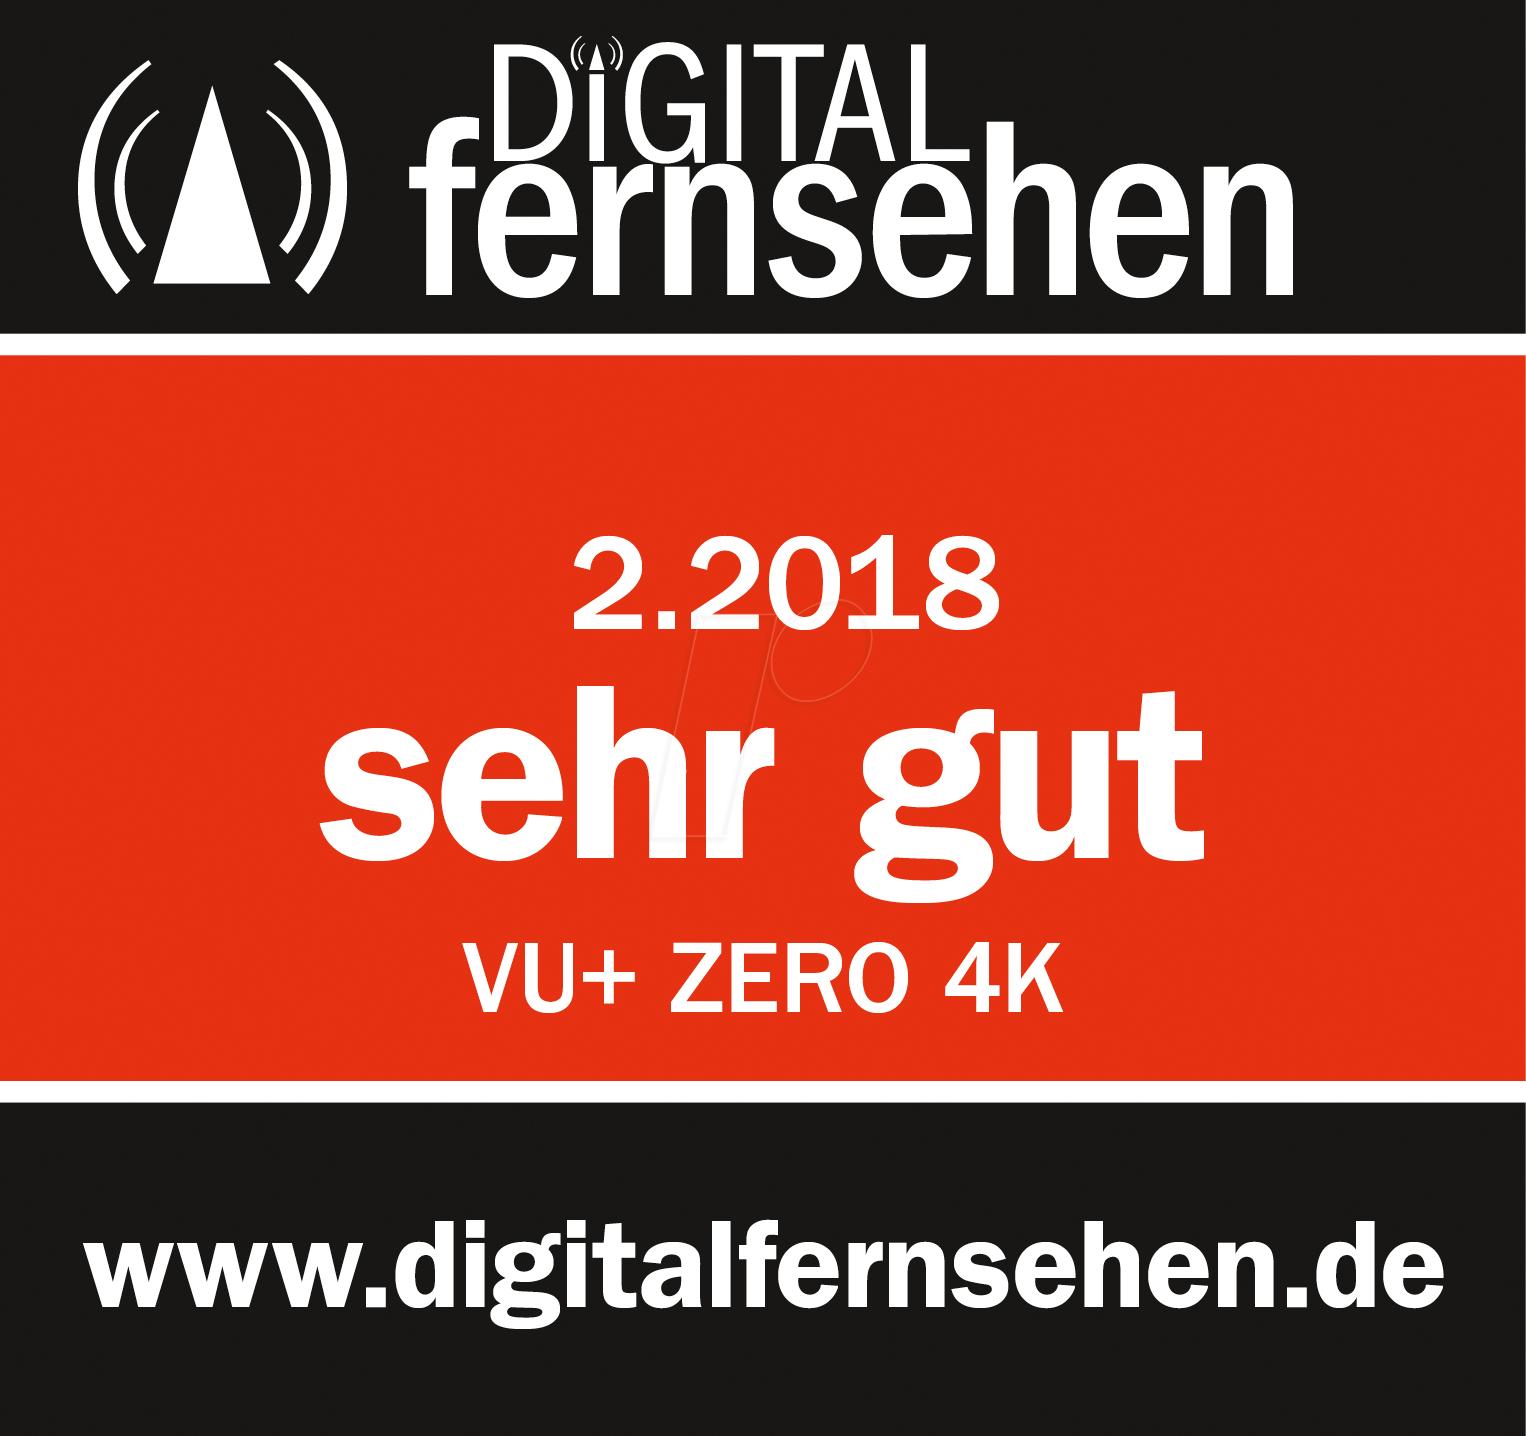 https://cdn-reichelt.de/bilder/web/xxl_ws/F100/VUZERO4K_TS.png